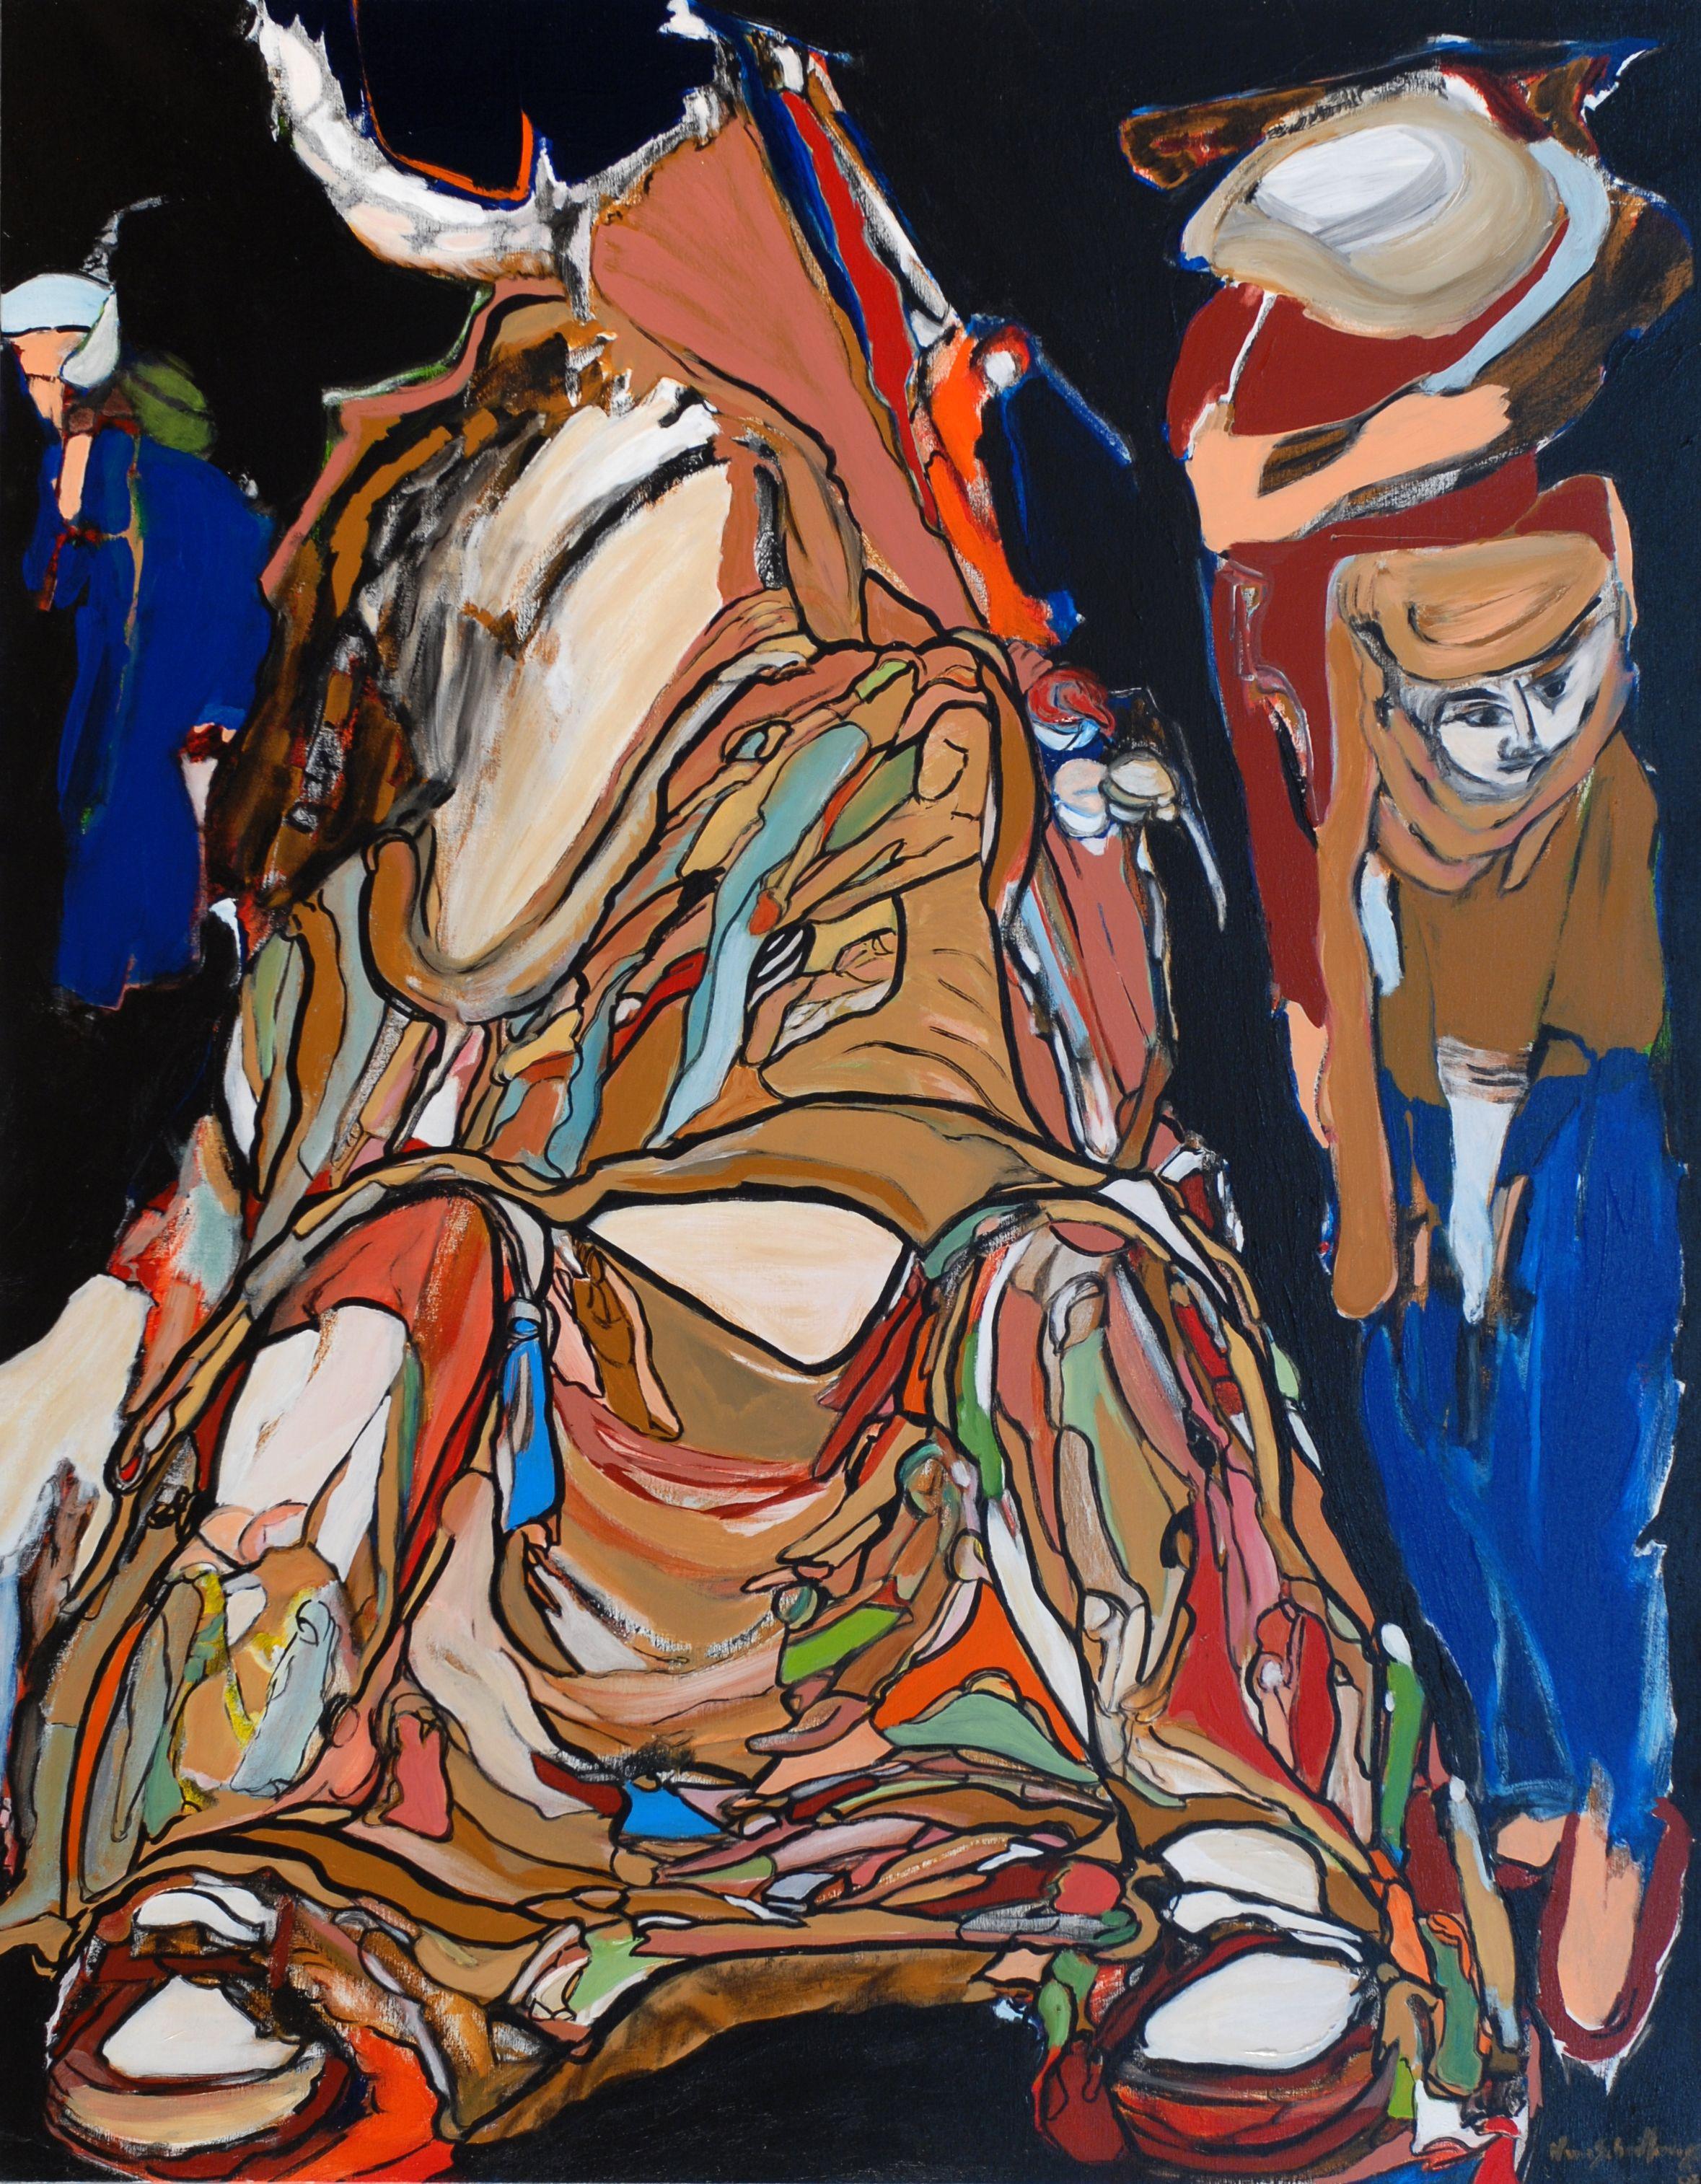 Galeria de Arte: Maria Sobral Mendonça - Zarpante